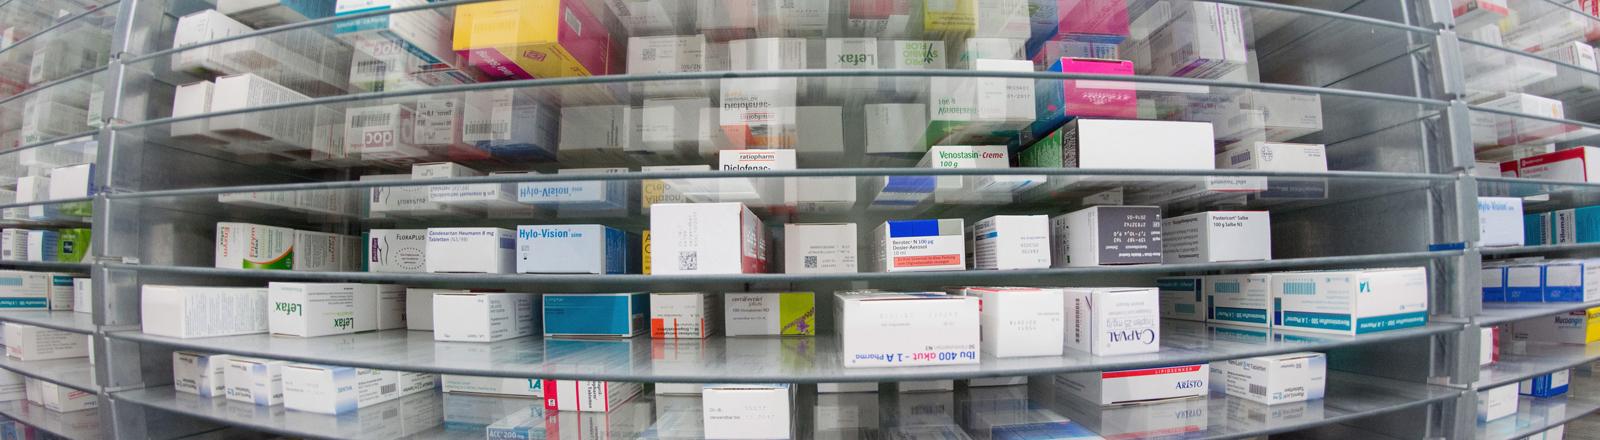 Medikamente in einem Regal